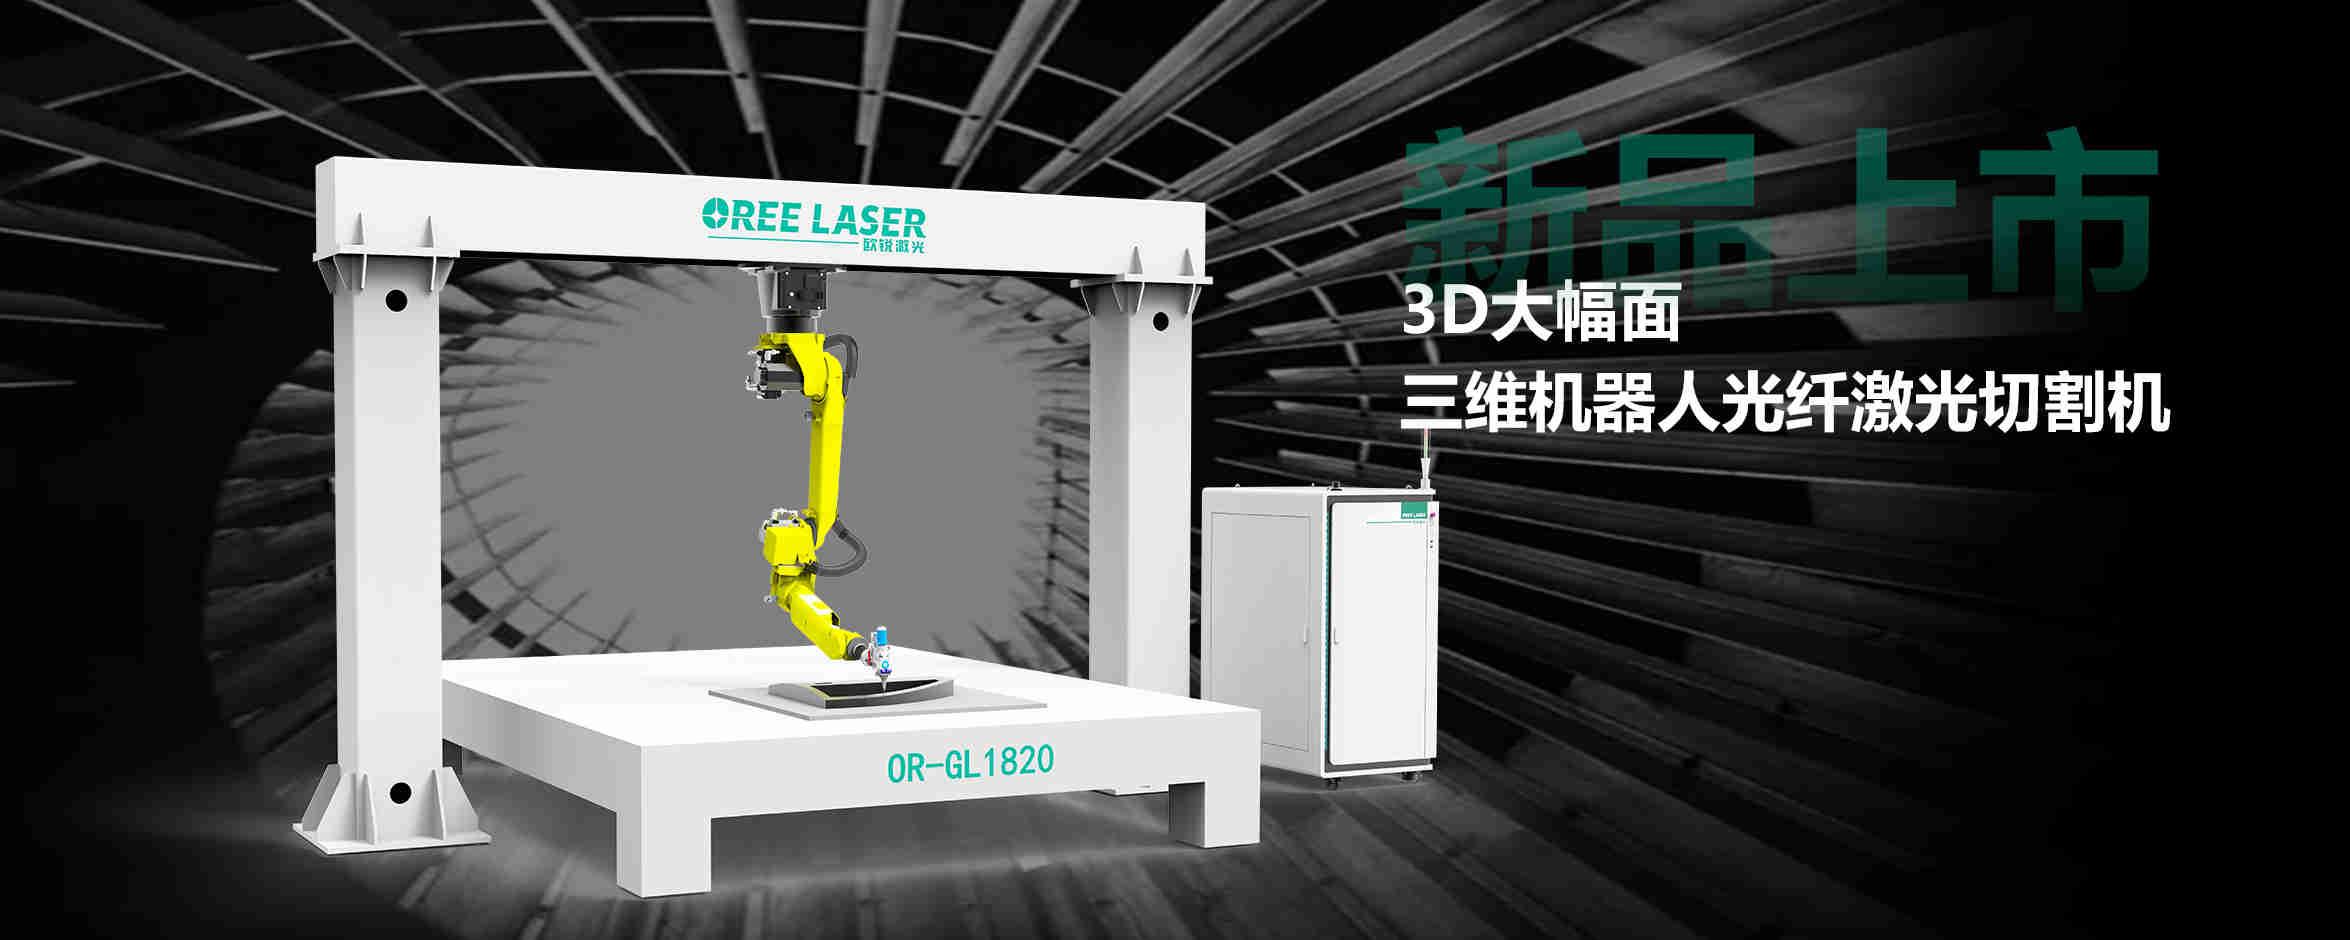 激光切割机、3D立体光纤激光切割机、立体激光切割机、五轴联动激光切割机